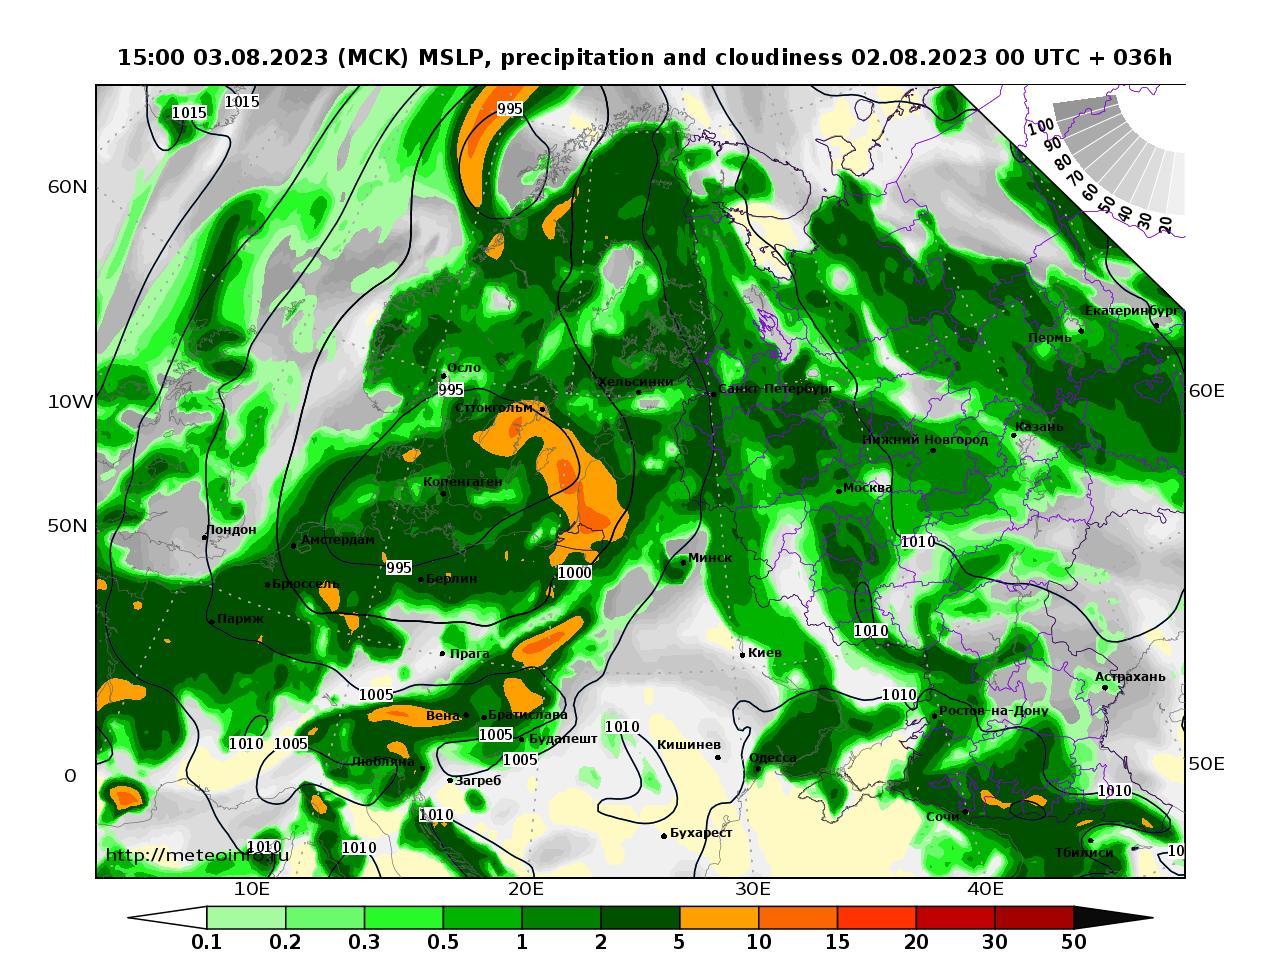 Европейская территория России, прогностическая карта осадки и давление, заблаговременность прогноза 36 часов